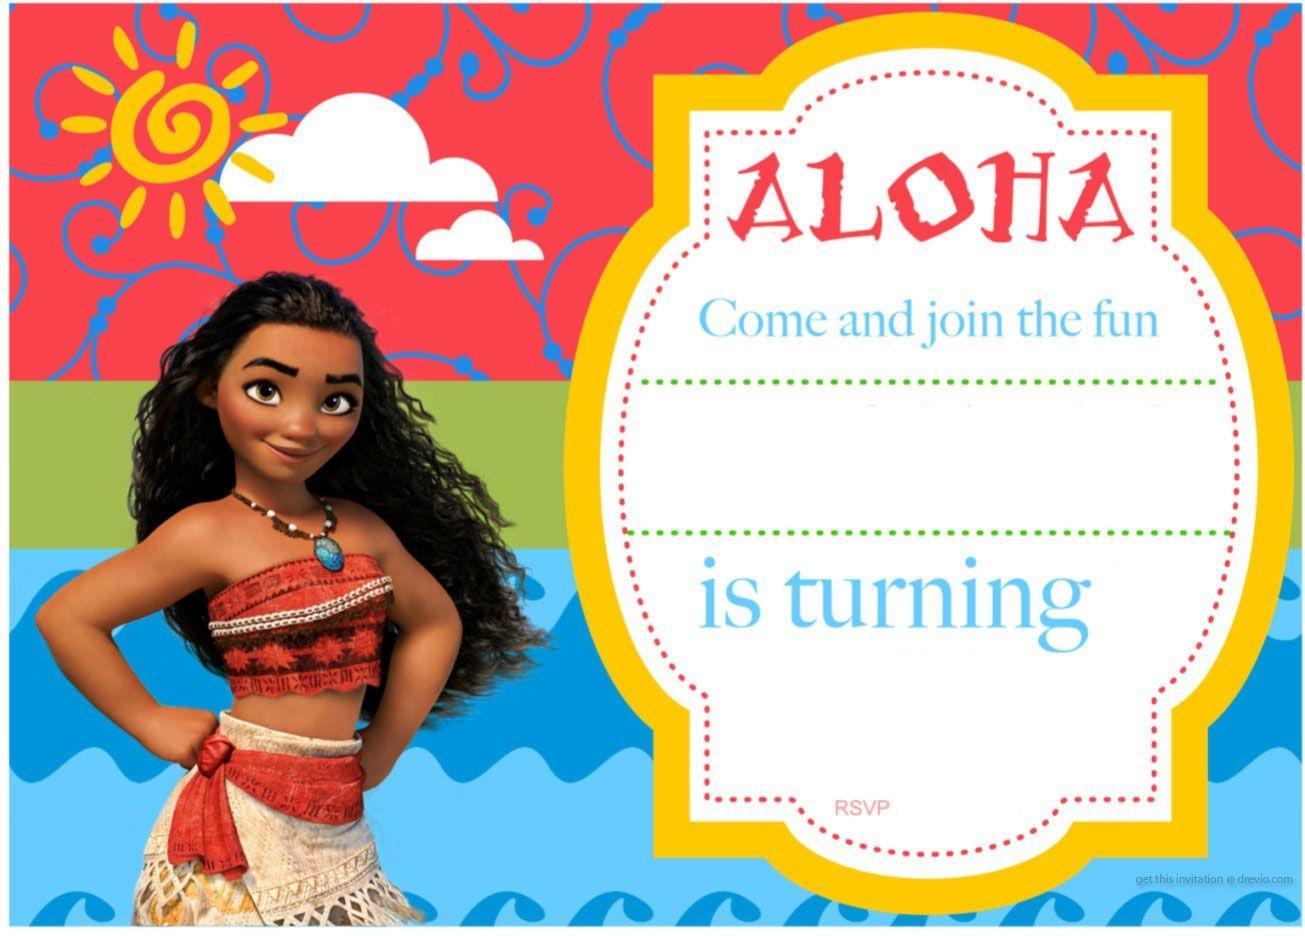 Free Printable Moana Birthday Invitation And Party | Free - Free Printable Moana Birthday Invitations